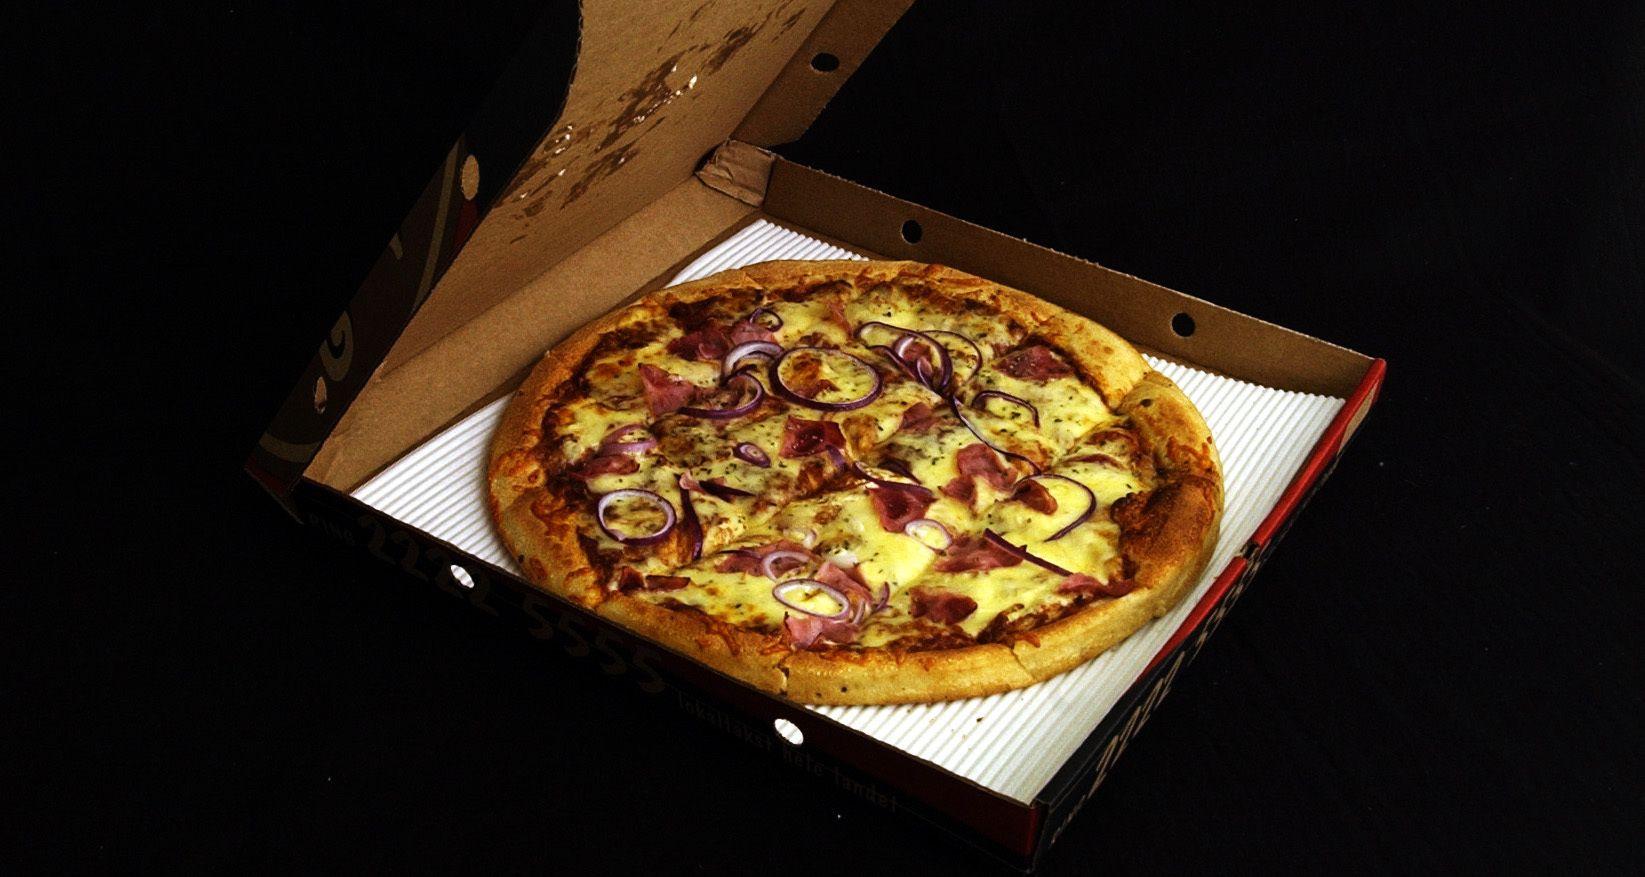 BESTILTE PIZZA: De ni pizzaene fra Peppes ble både betalt og fortært av Boye Ullmann og gjestene i Fellesforbundets fagforening i Møllergata. Totalt kostet maten 2716 kroner, inkludert moms, nacho-chips, kjøretillegg og rømmedressing.